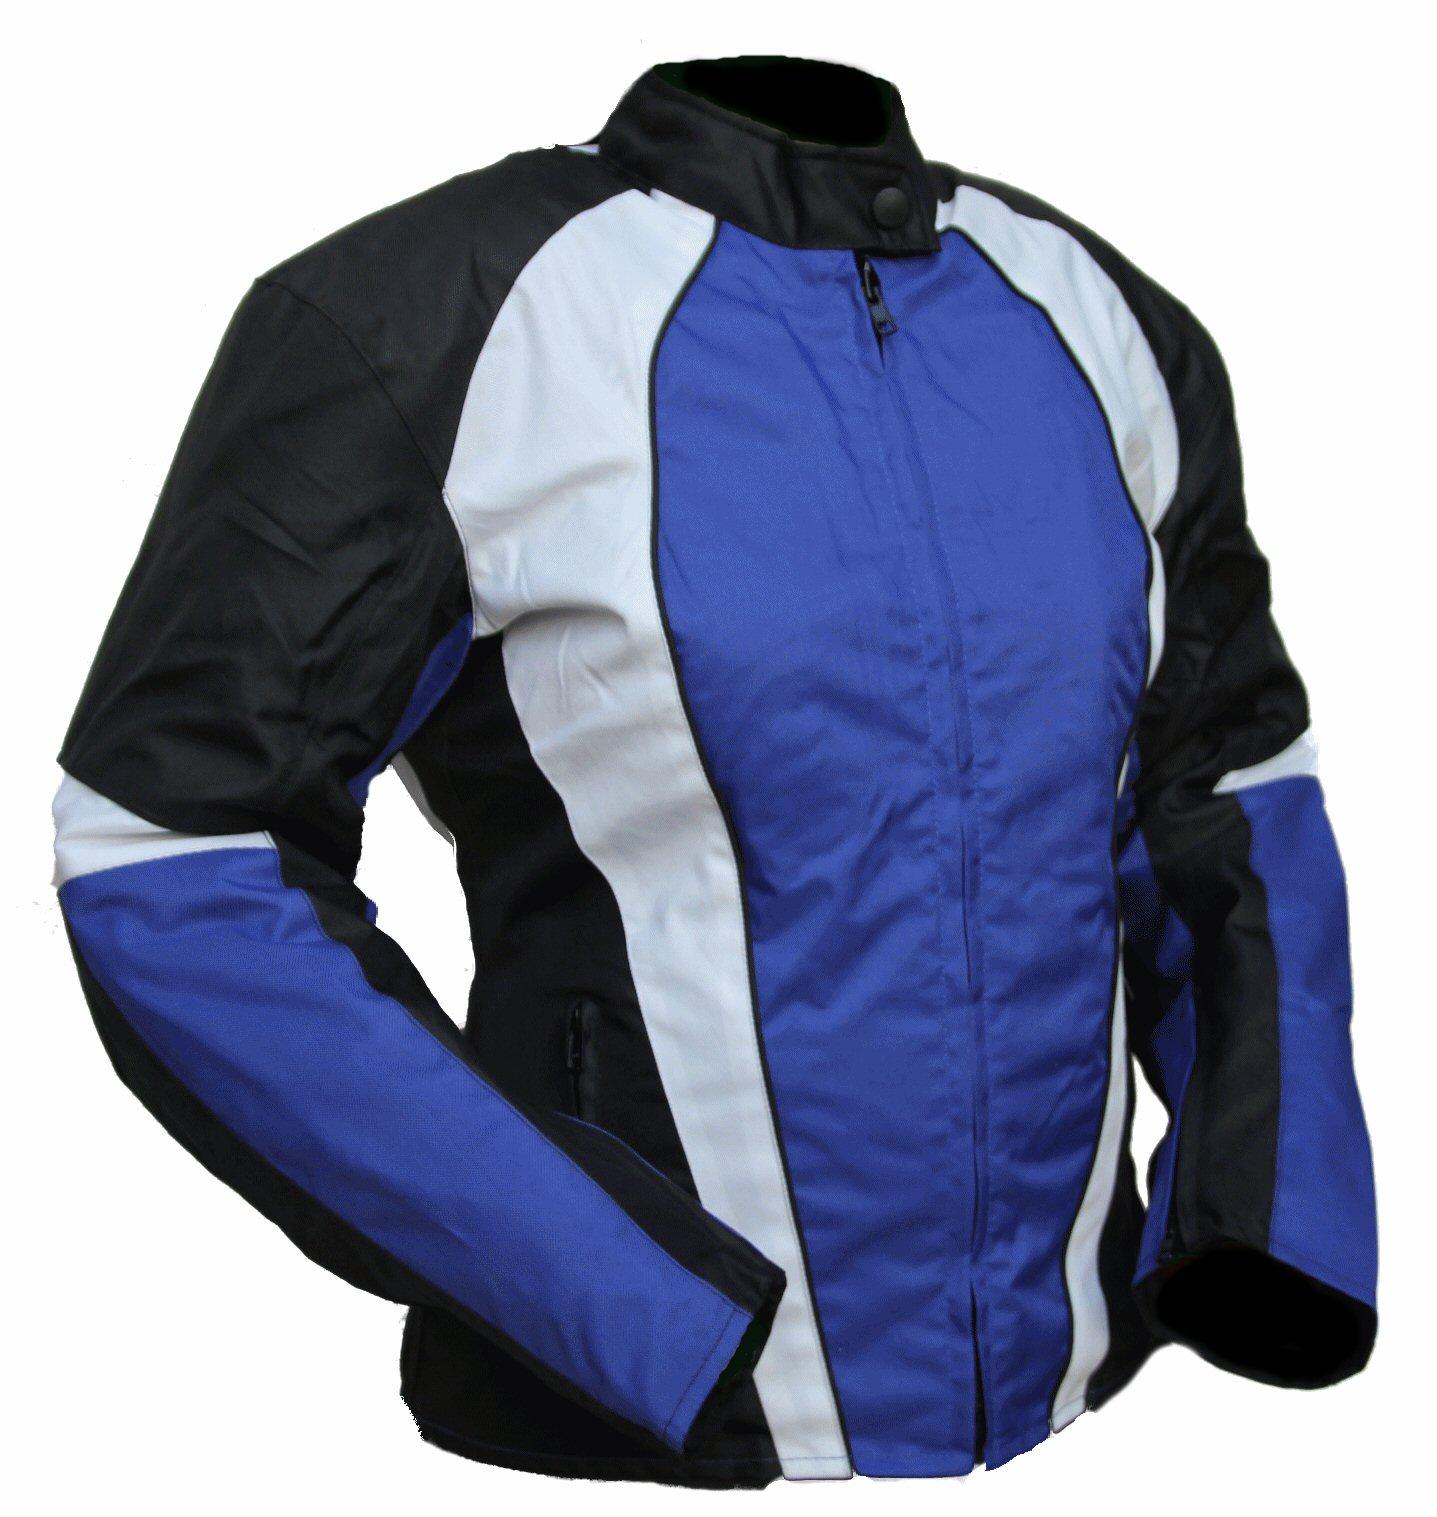 kt011 blouson moto femme karno cintr typhoon bleu. Black Bedroom Furniture Sets. Home Design Ideas